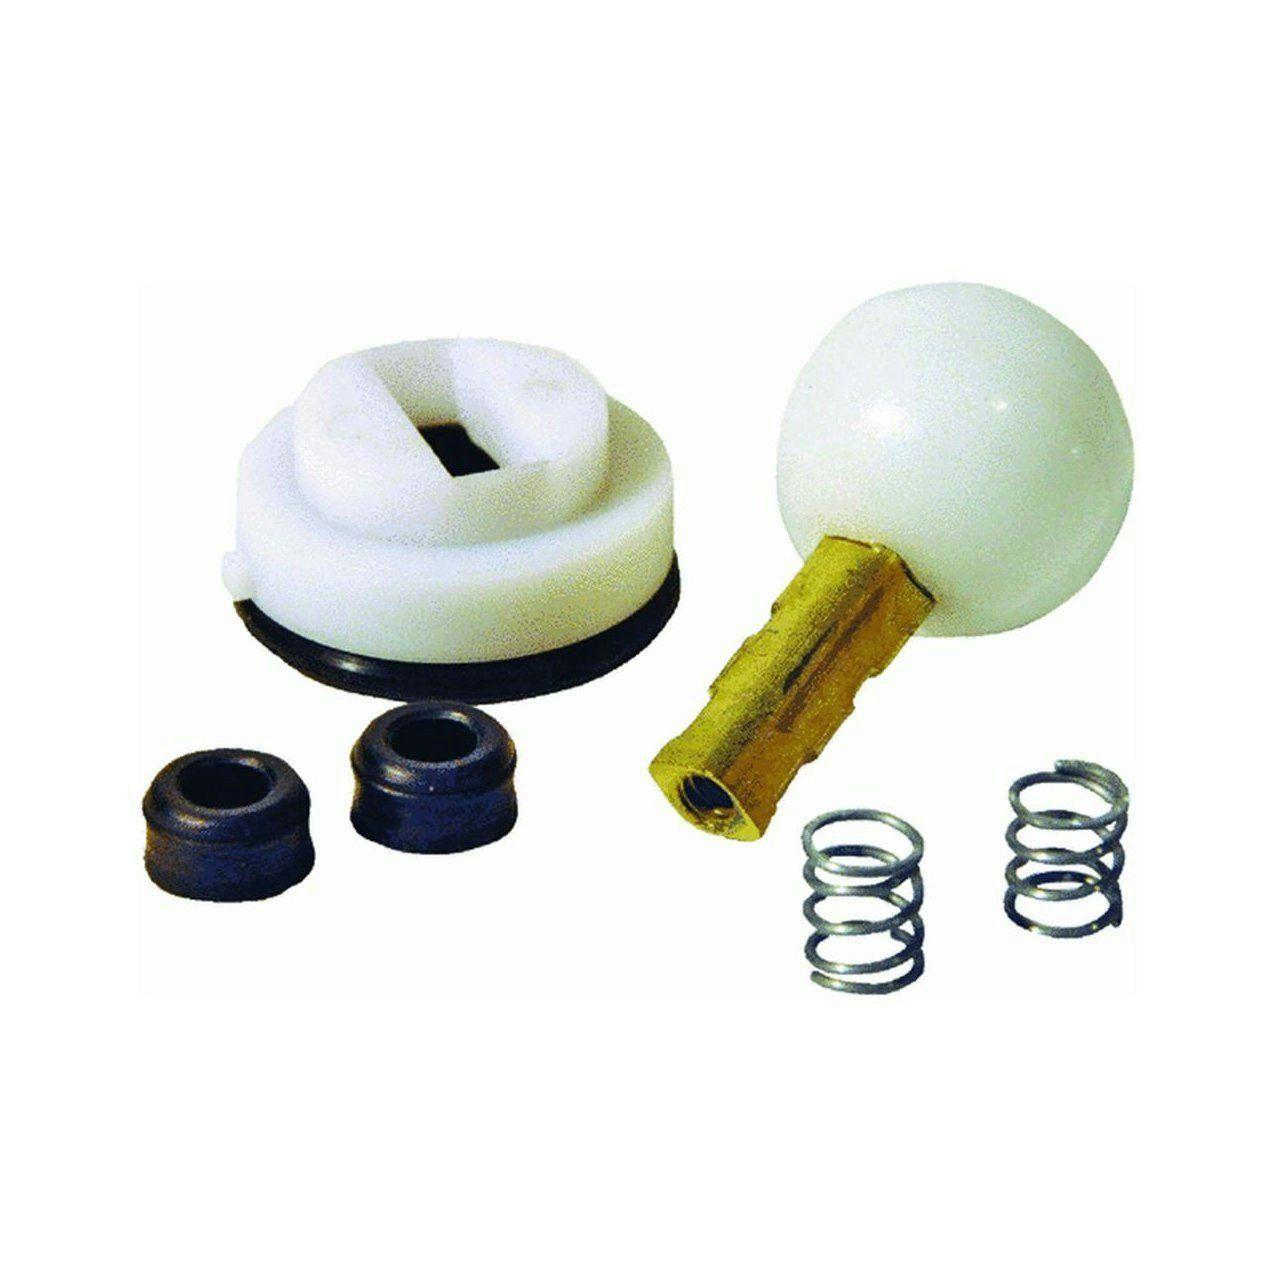 Danco Tub/Shower Faucet Repair Kit for Delta/Peerless Faucets, 80743 ...